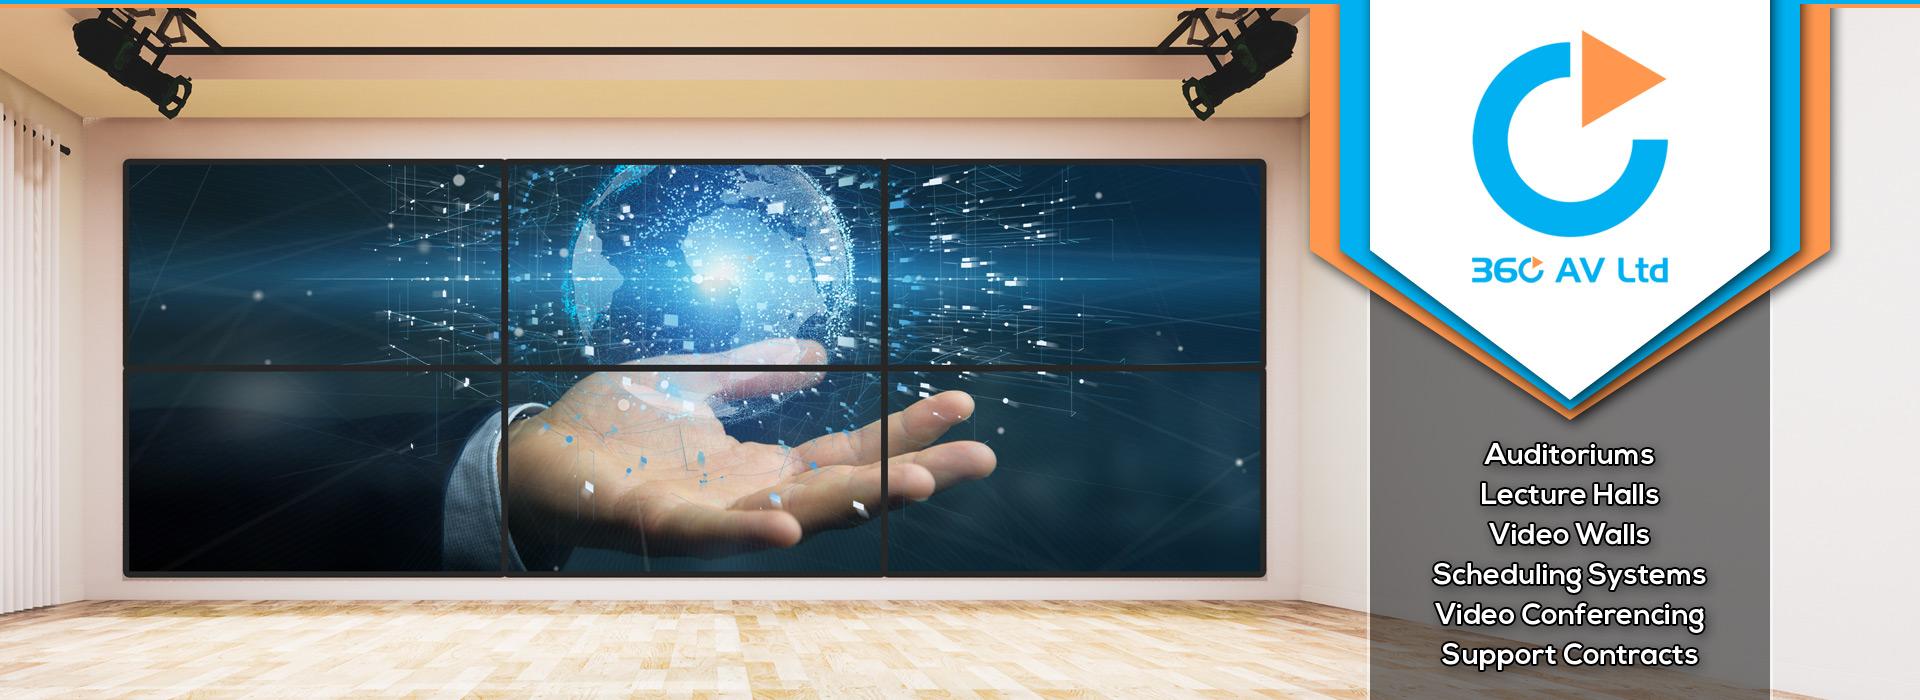 360 AV Ltd | Video Walls